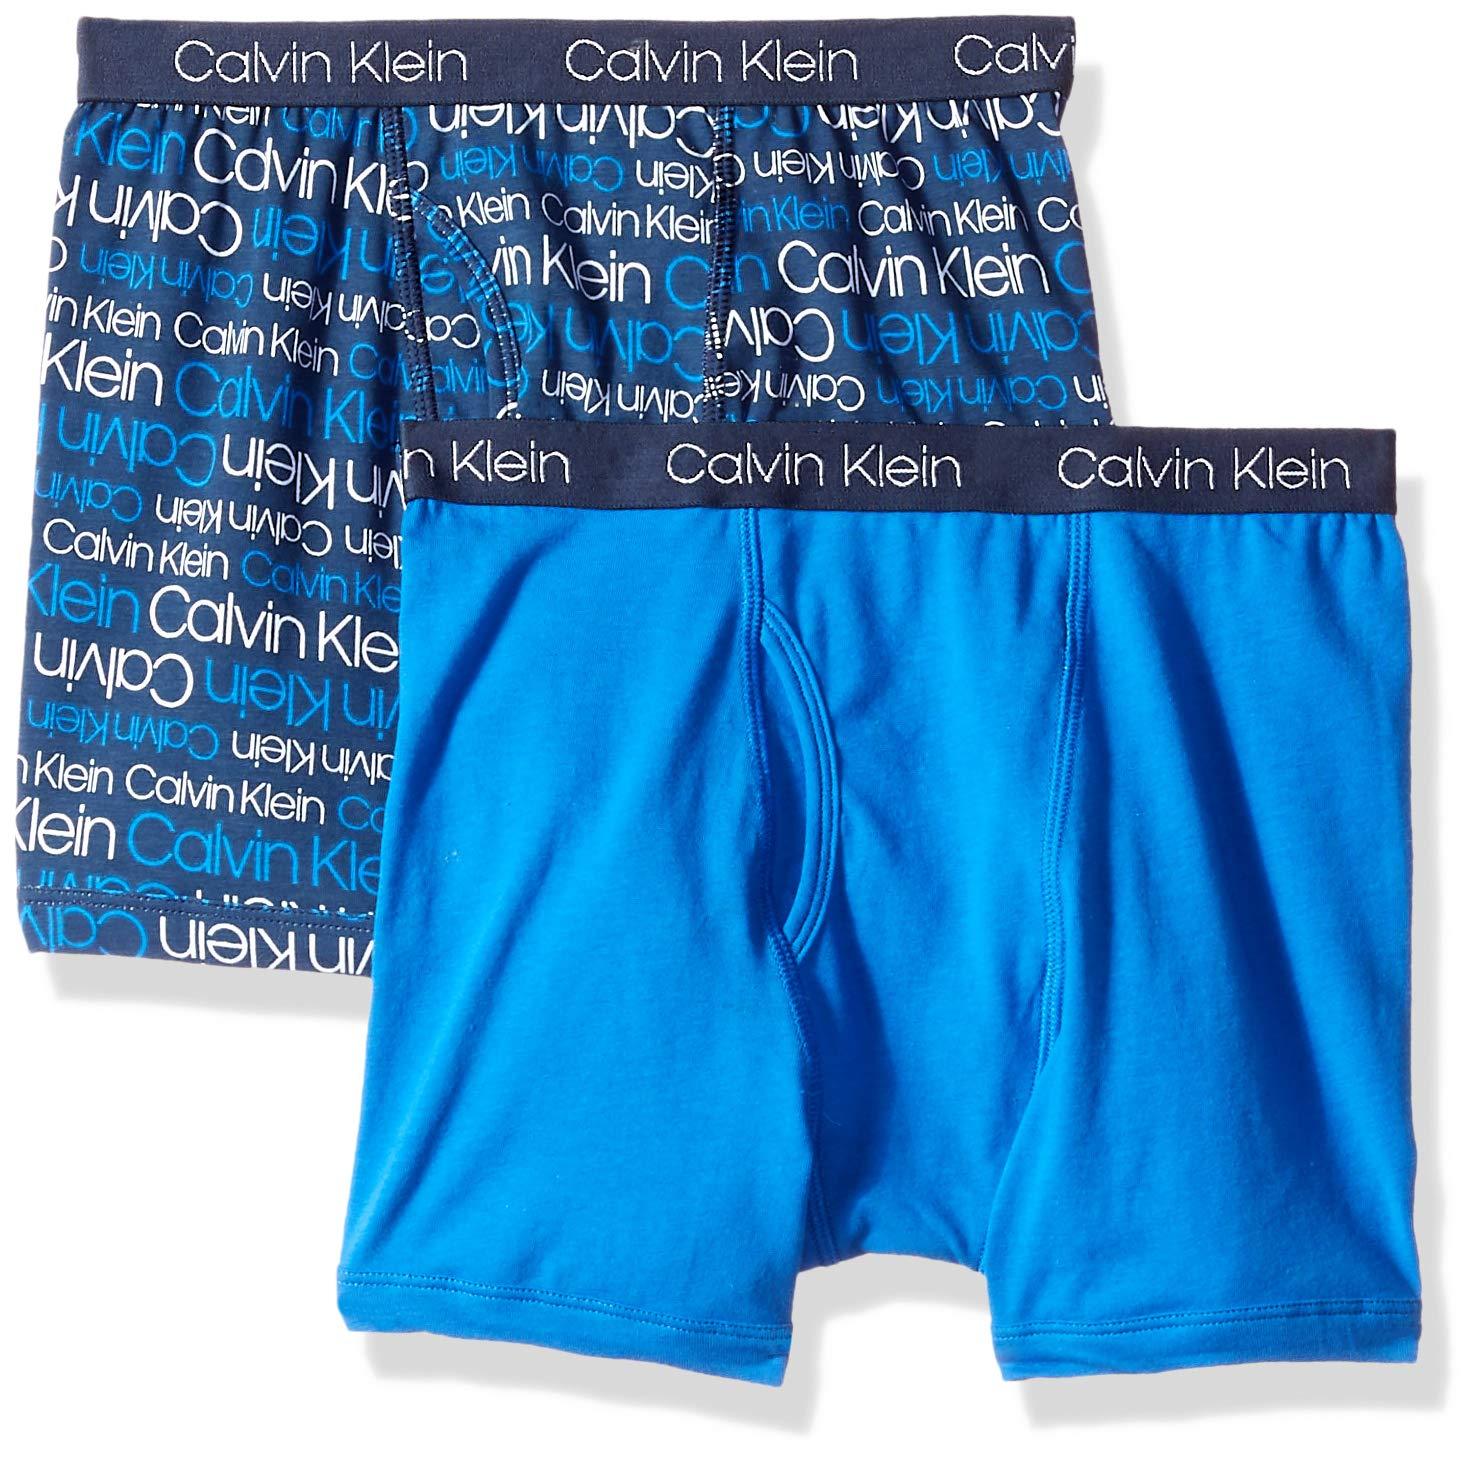 Calvin Klein 男童 2 件装棉平角内裤